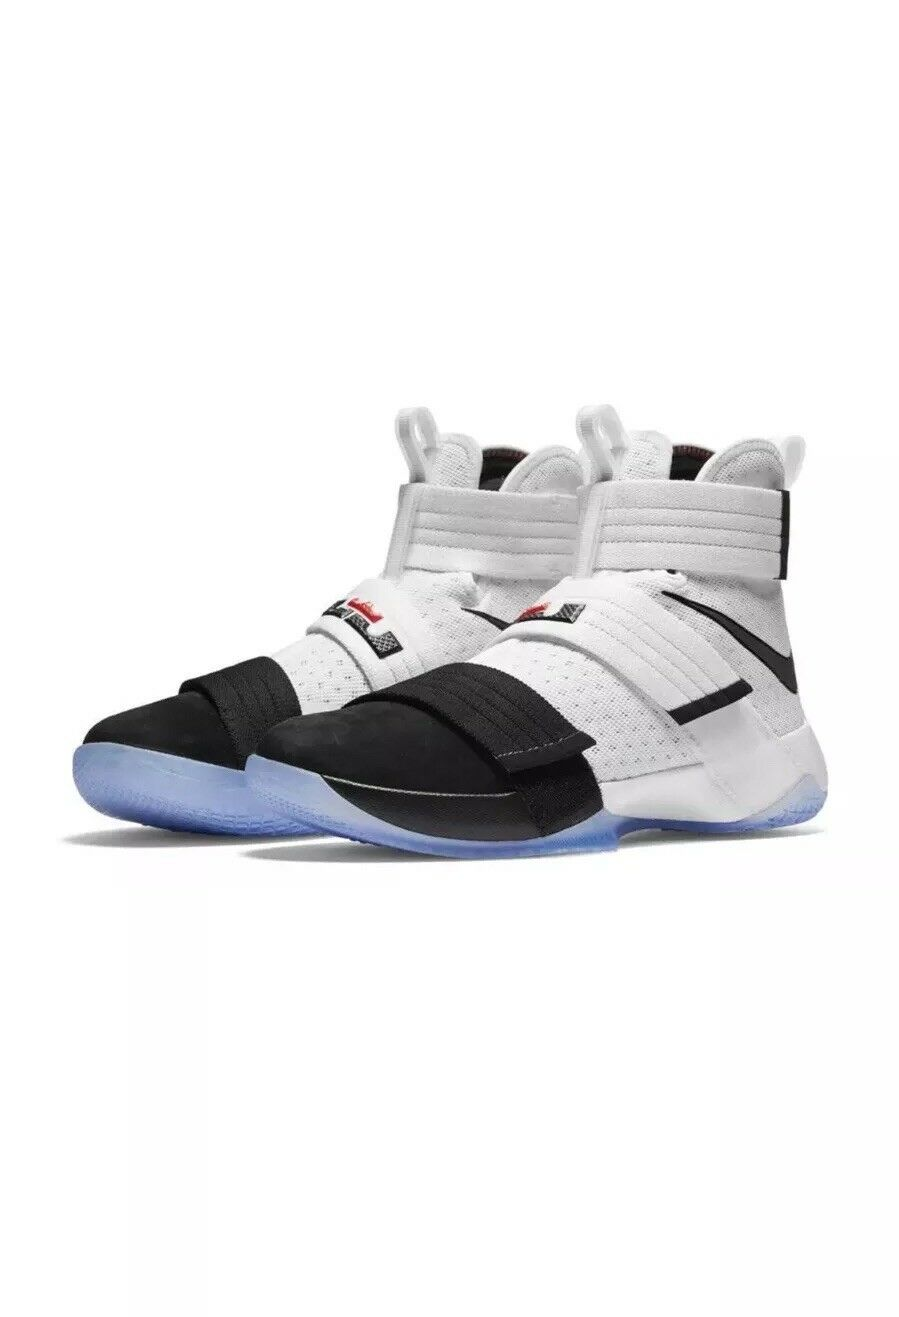 Nike LeBron Soldier 10 SFG White Black Oreo 844378-102 Size 11.5 New